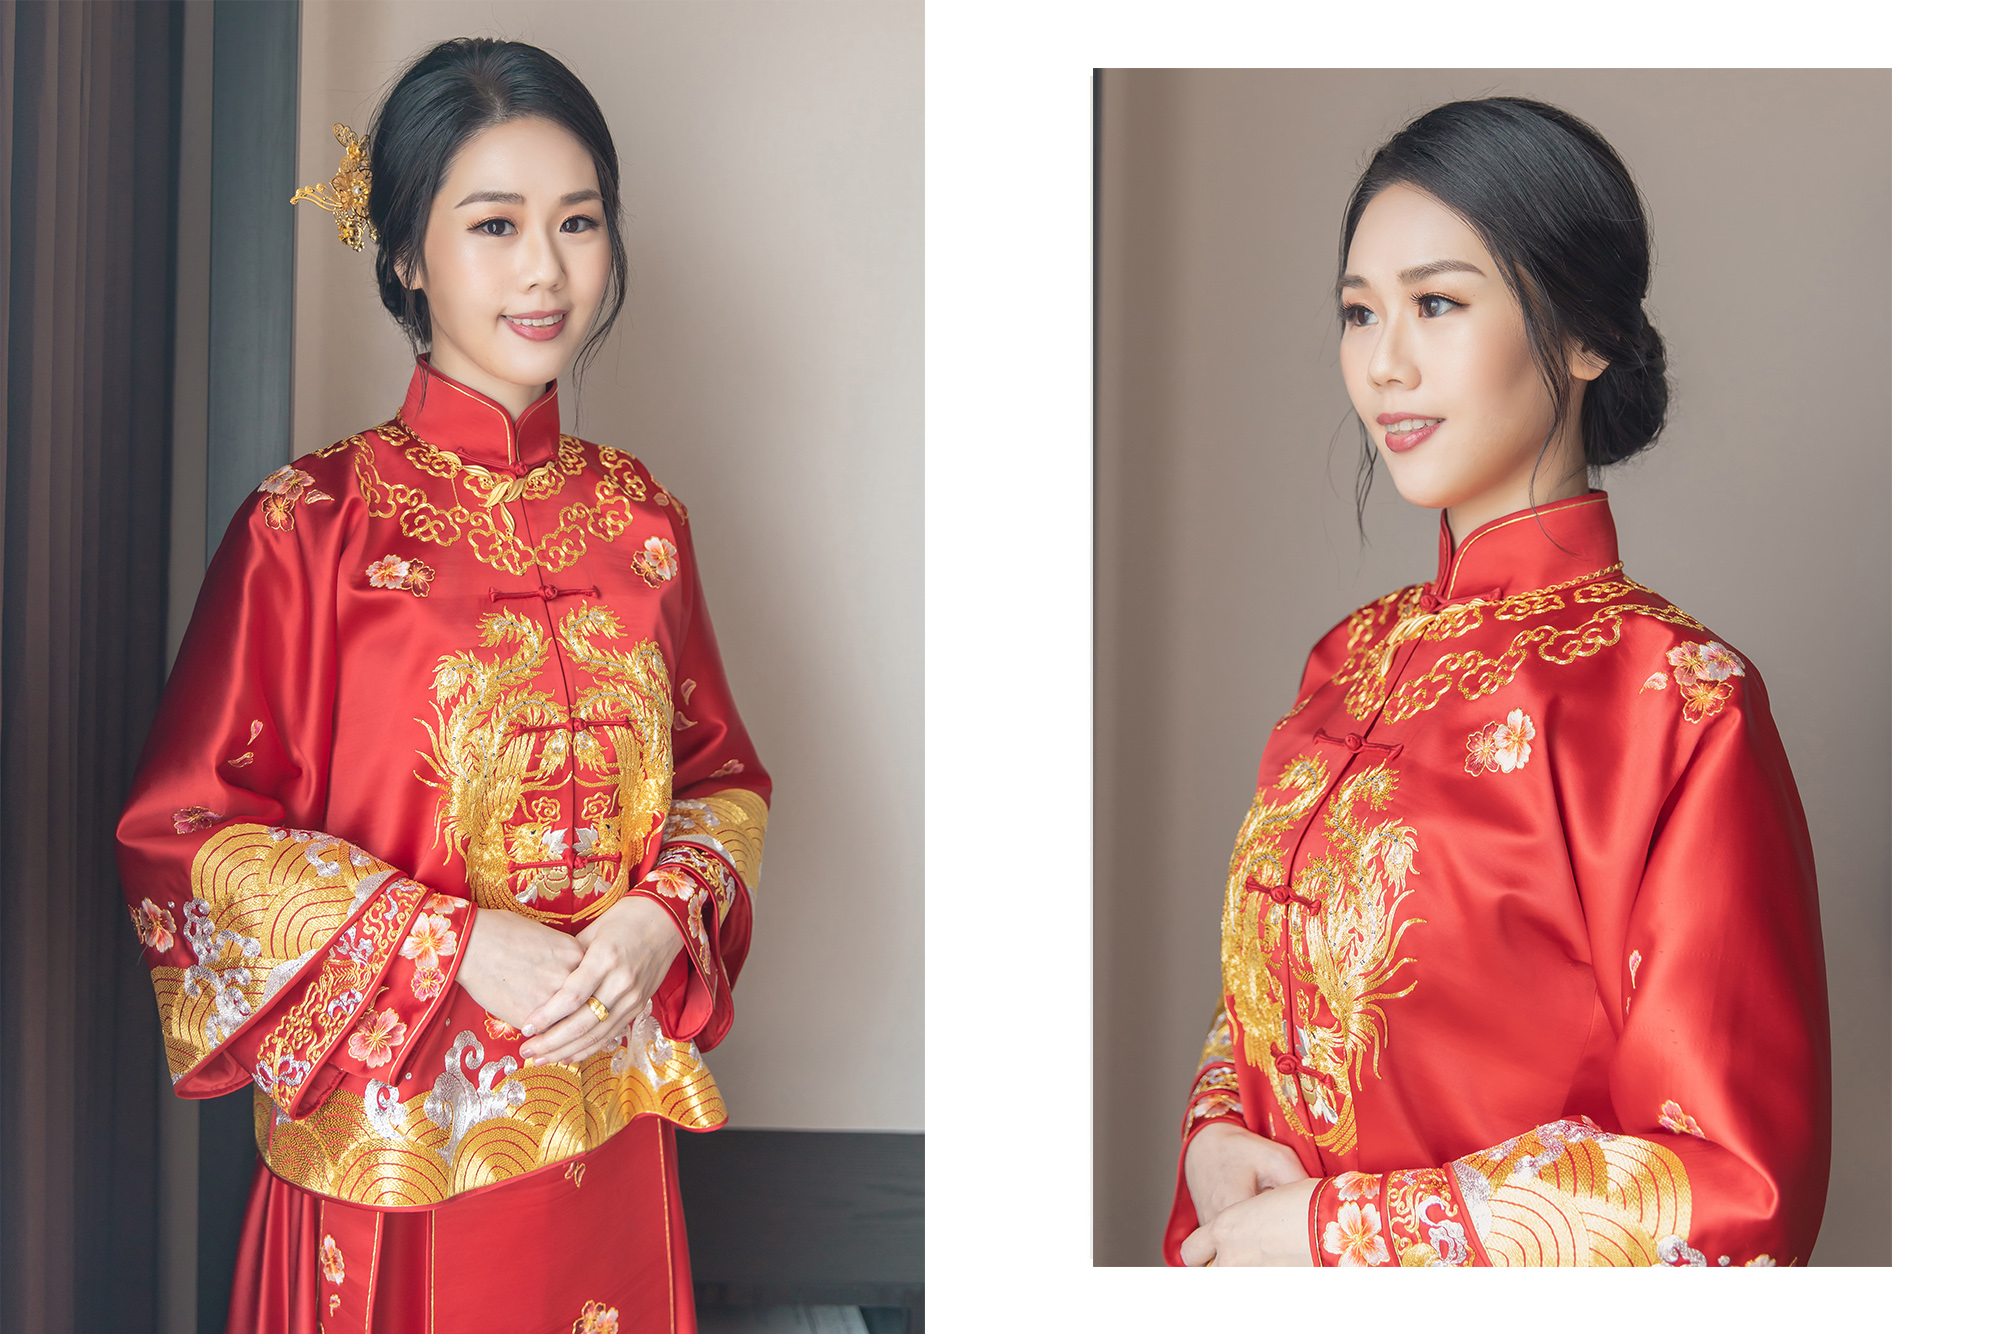 秀禾服造型|保留內雙的特色讓穿起秀禾服的新娘更有優雅的古典氣息